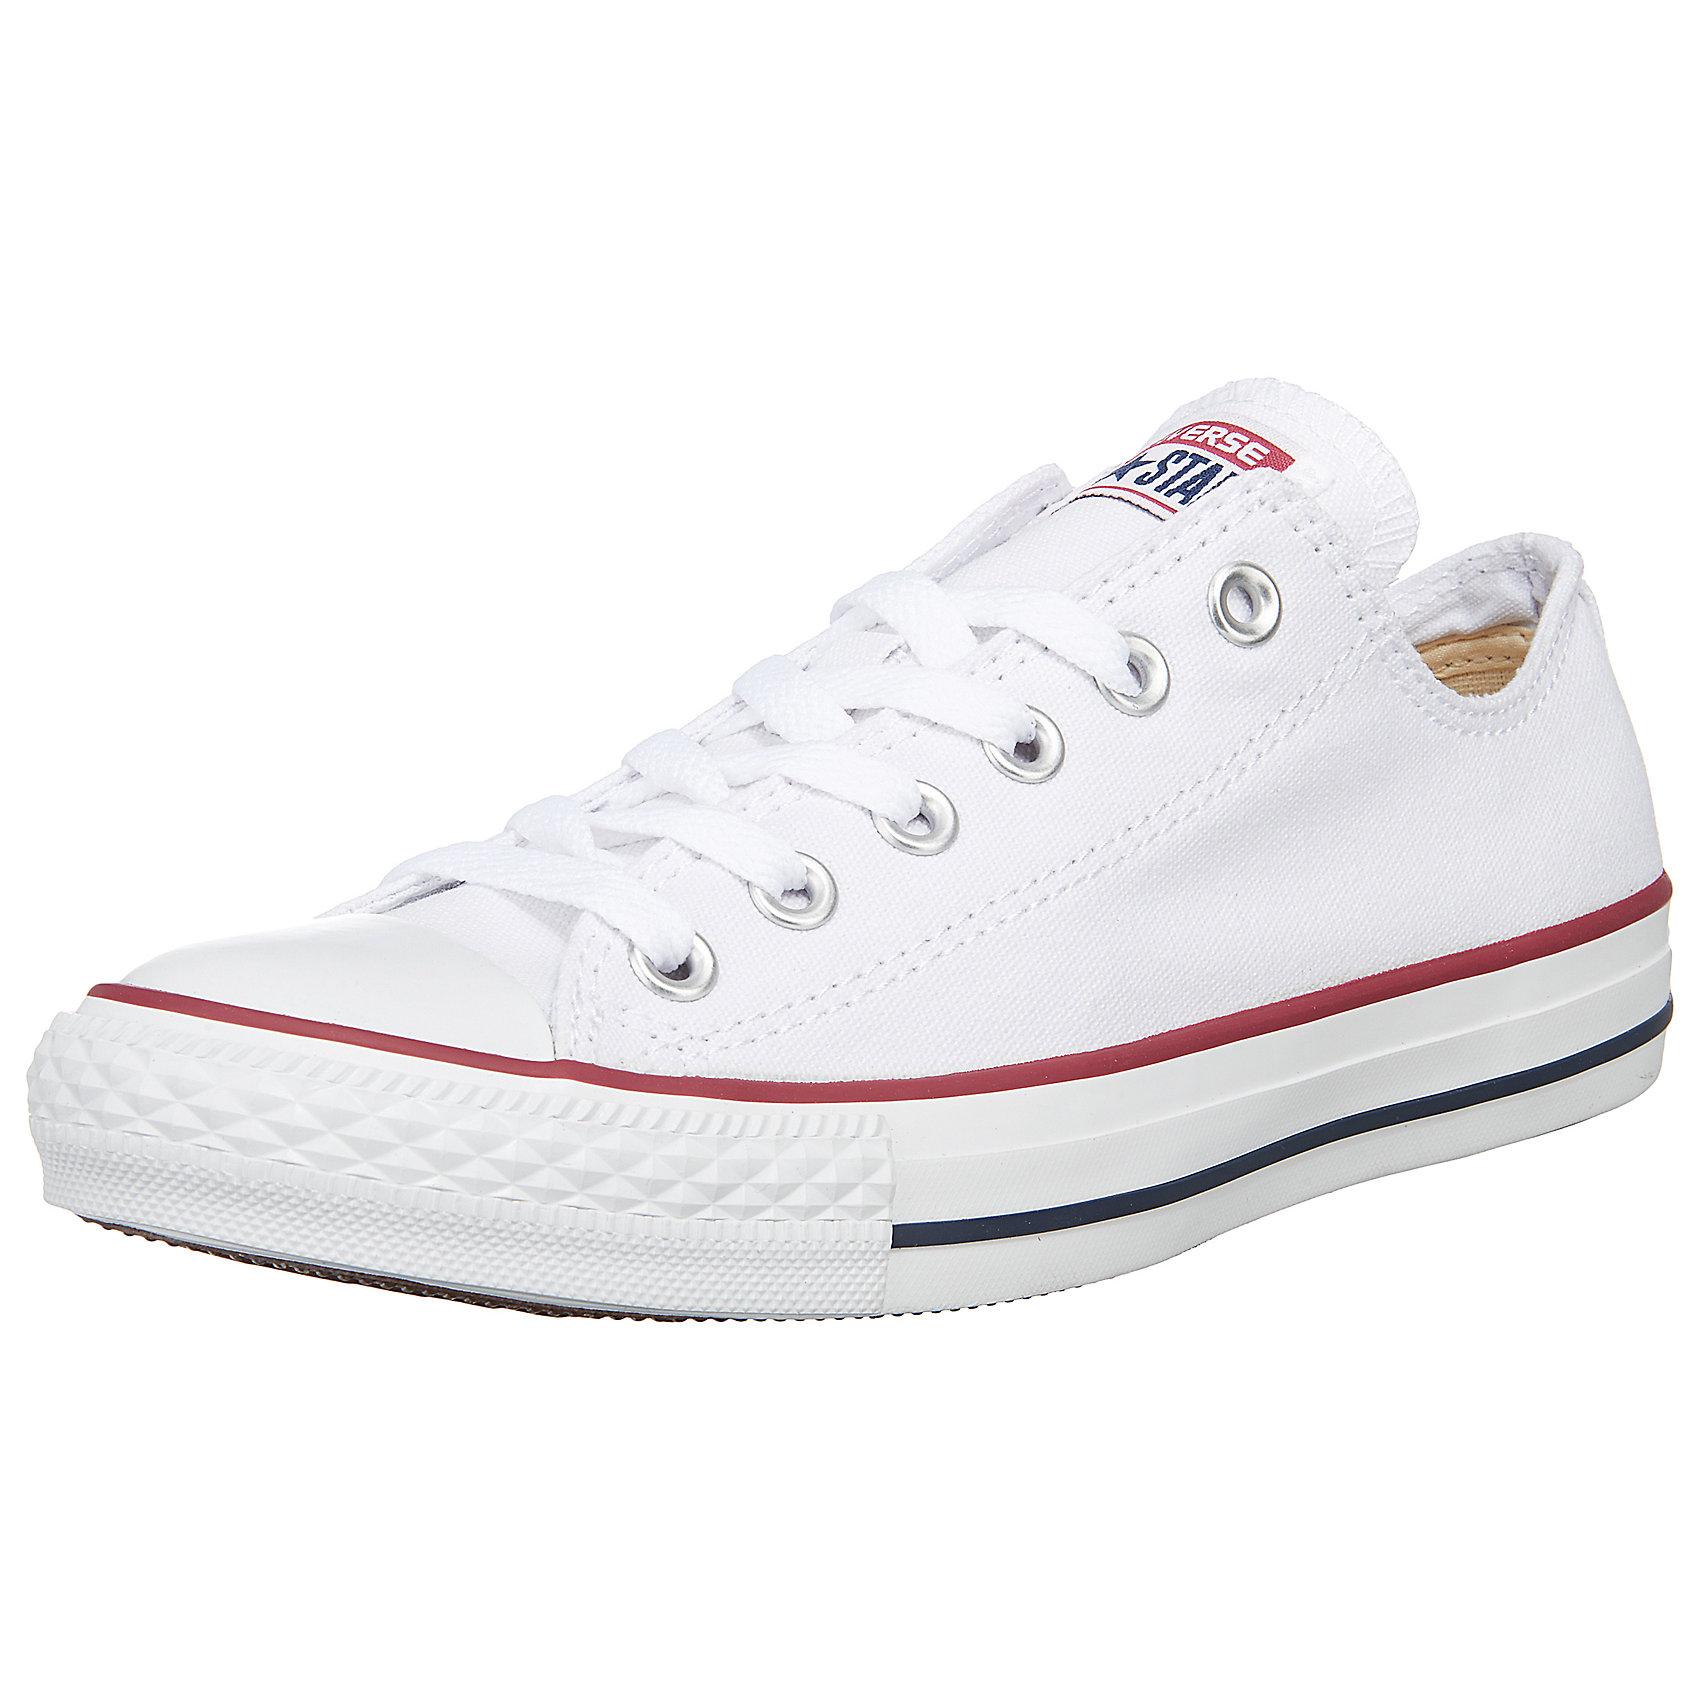 Neu CONVERSE Chuck Taylor All Star Ox Sneakers 7092053 Herren für Herren 7092053 und Damen dfdce1